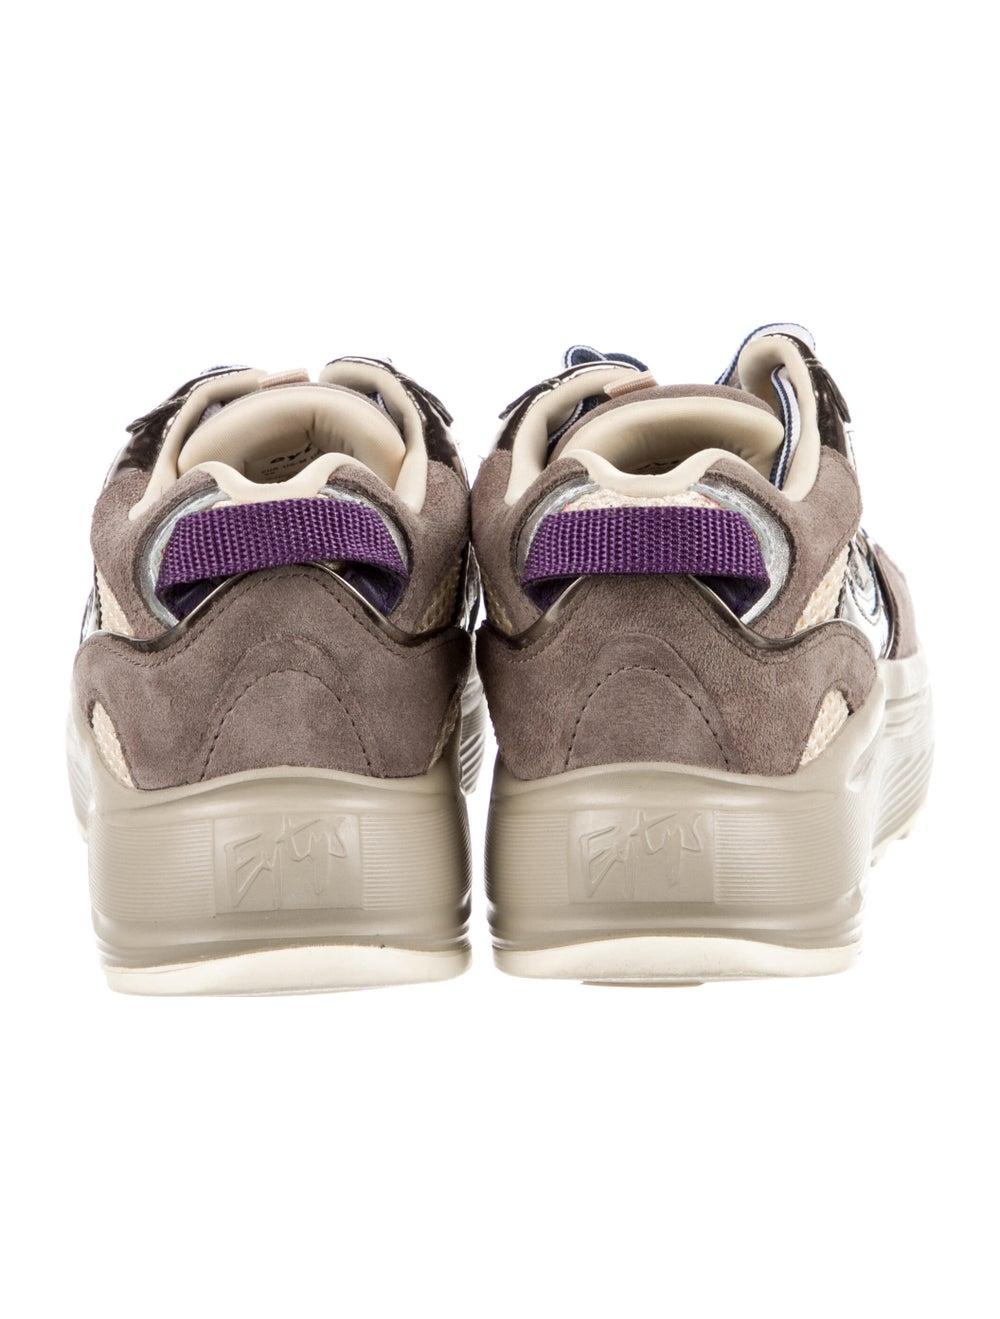 Eytys Suede Sneakers Brown - image 4